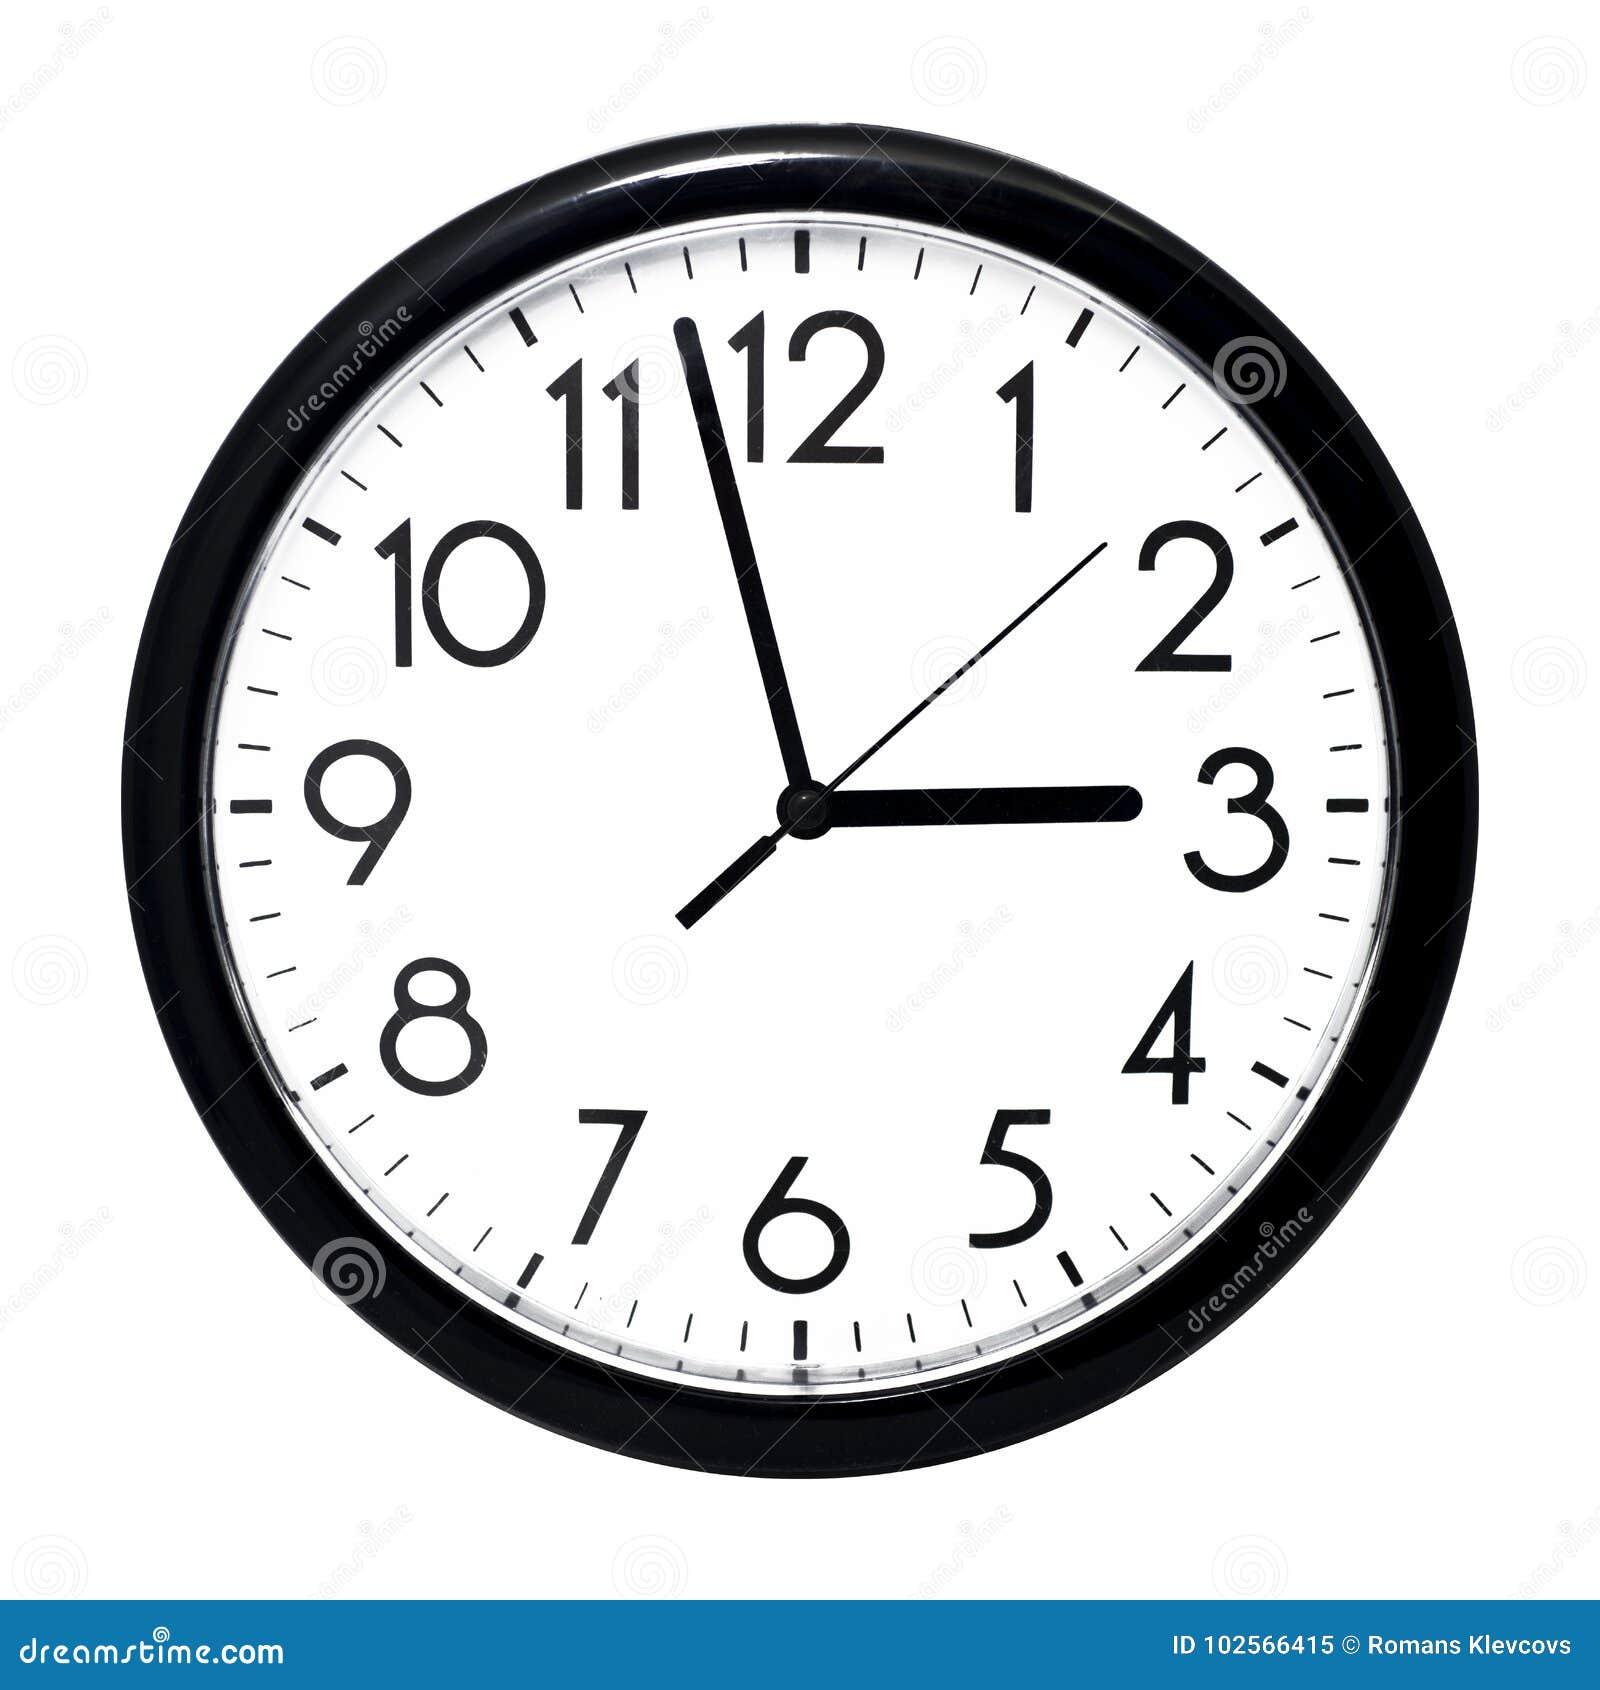 horloge murale blanche d 39 isolement sur le fond blanc image stock image du haut conception. Black Bedroom Furniture Sets. Home Design Ideas